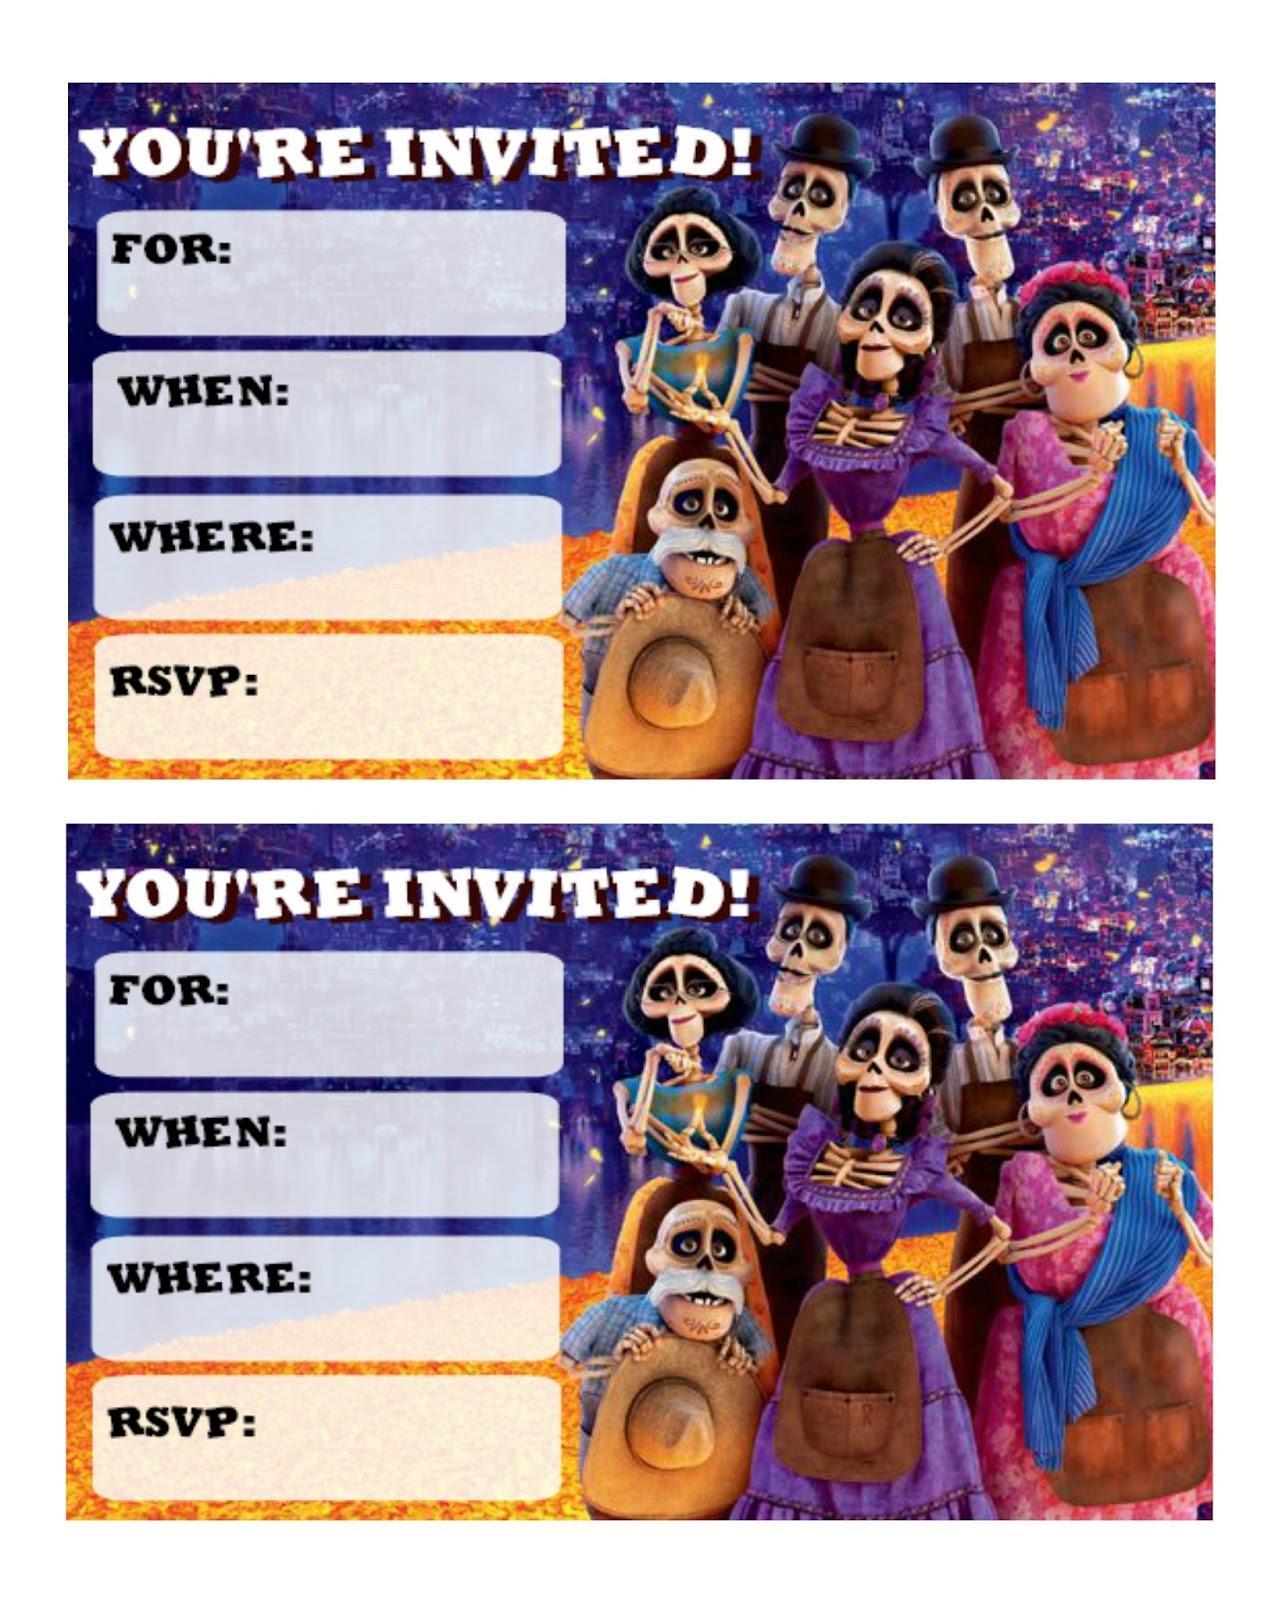 Coco Movie Invitation Templates